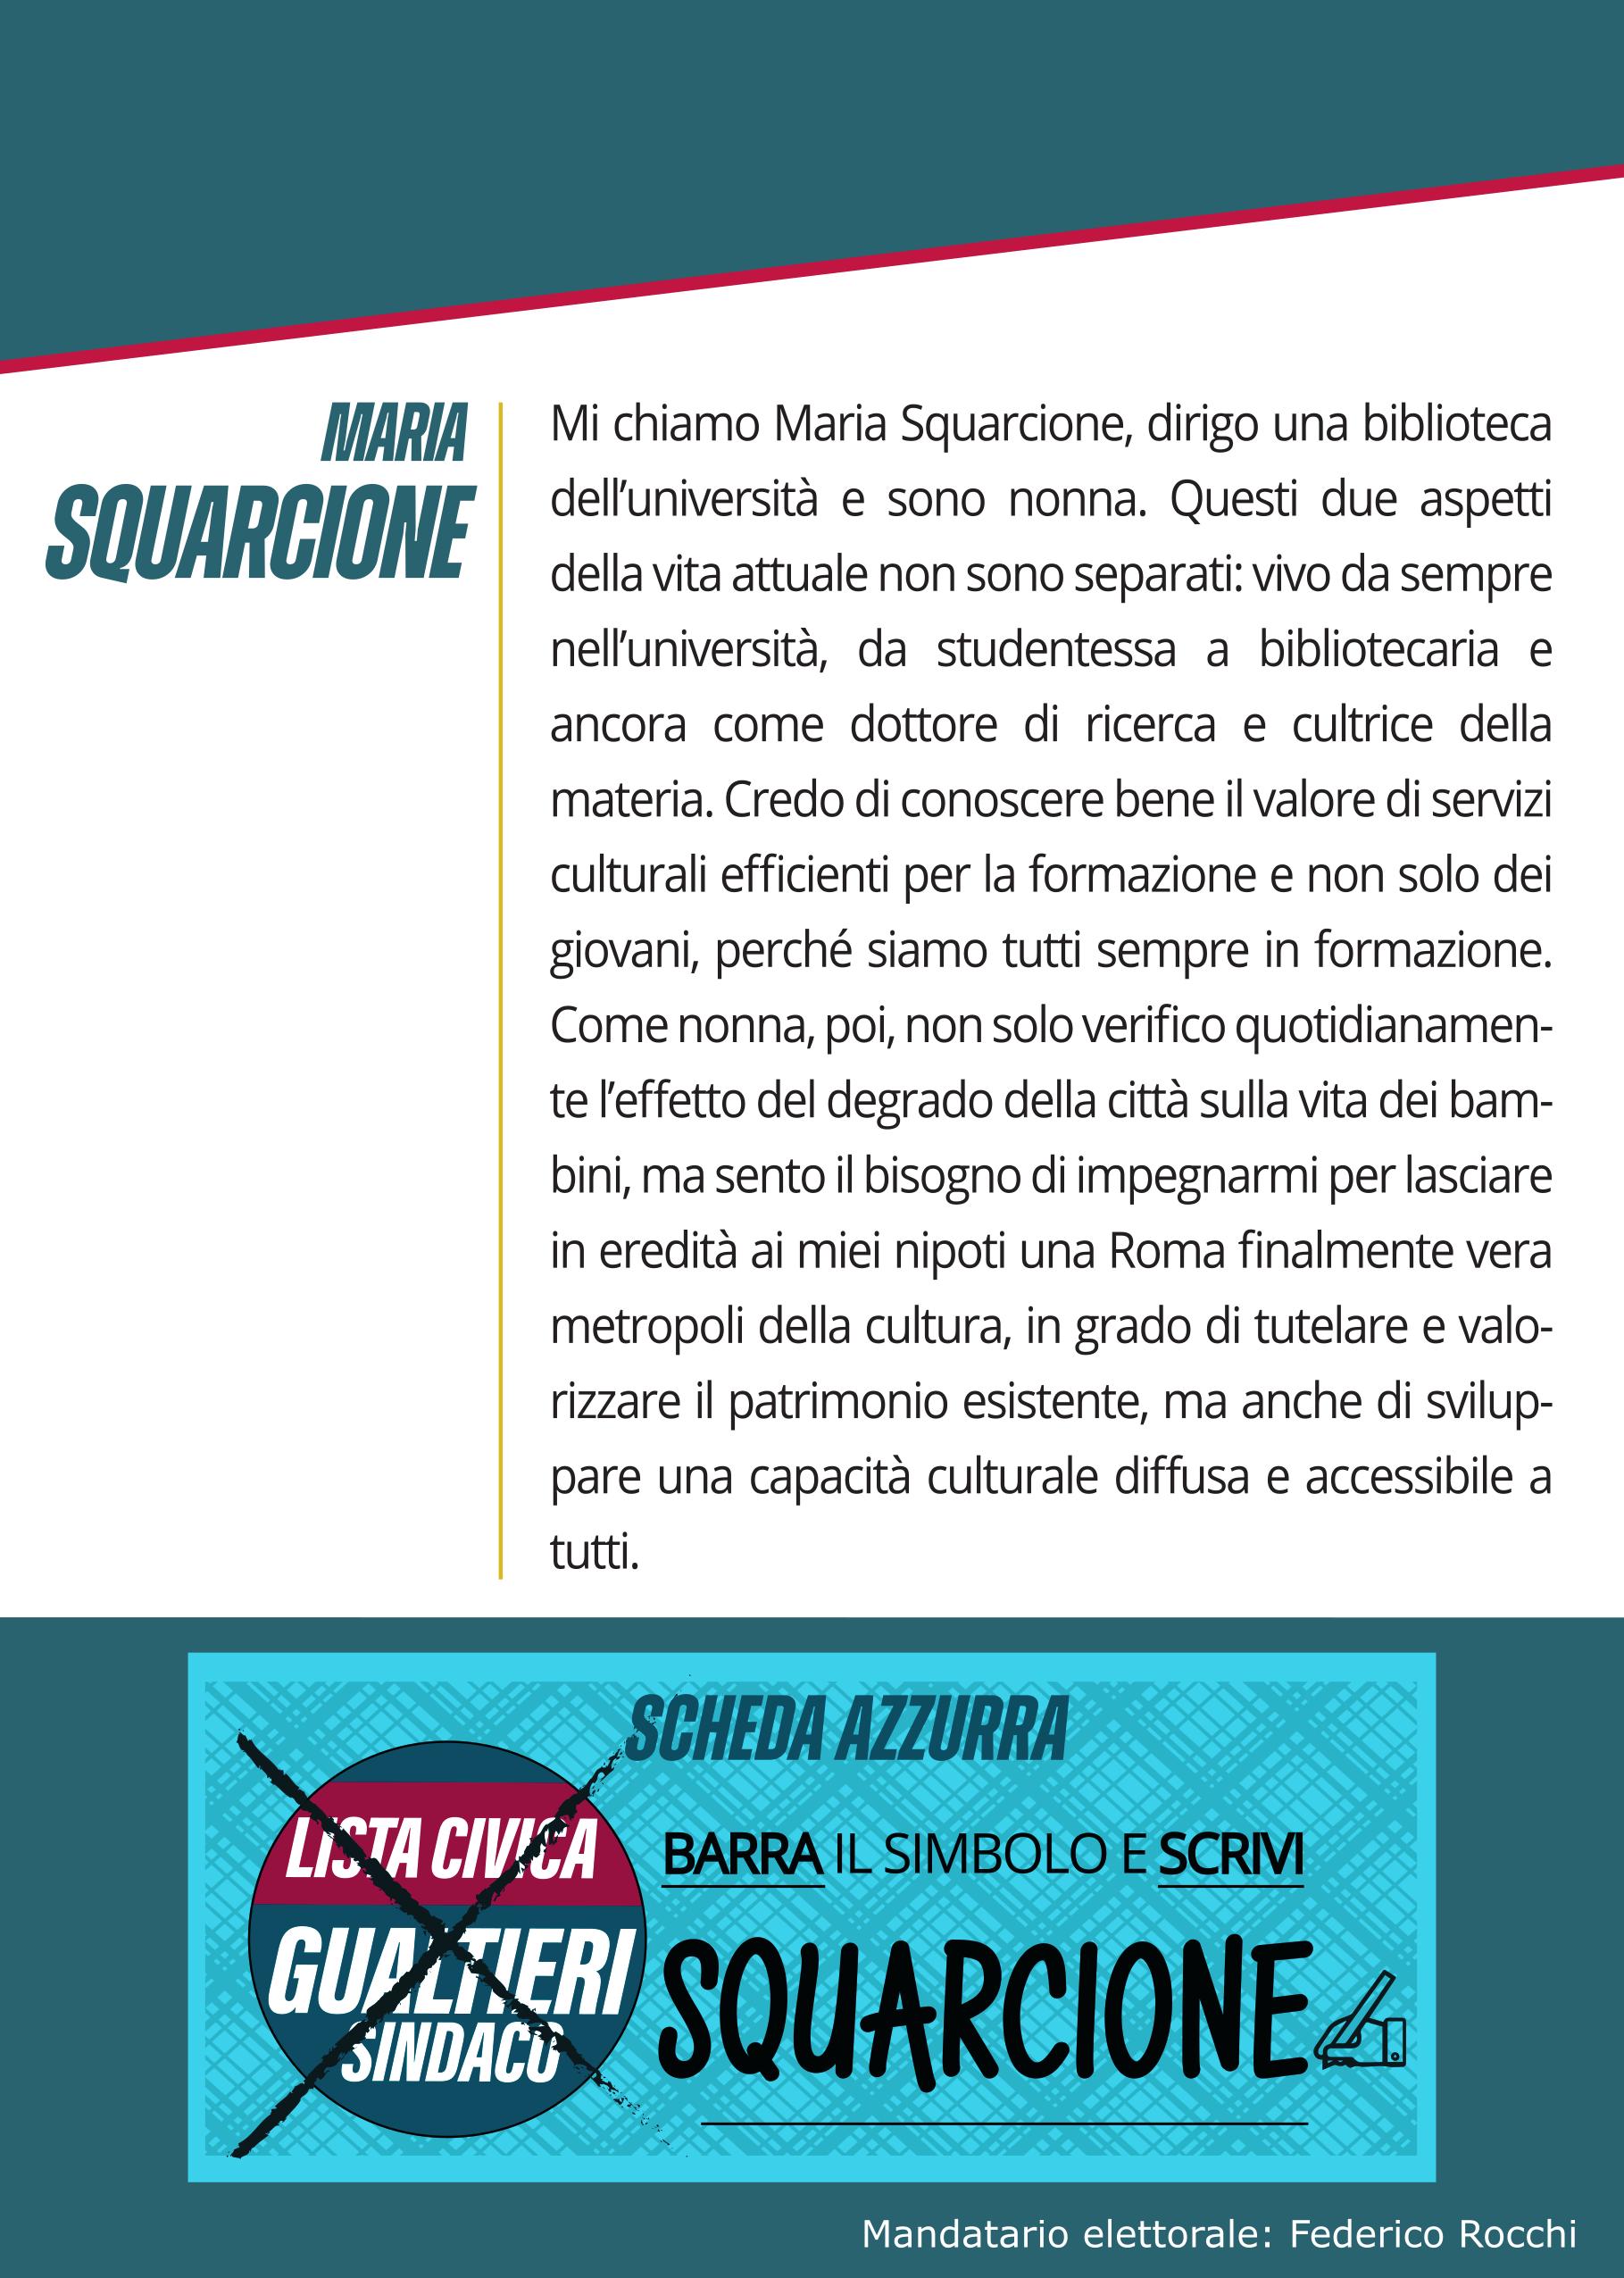 Cartolina Maria Squarcione elezioni Comune Roma 2021